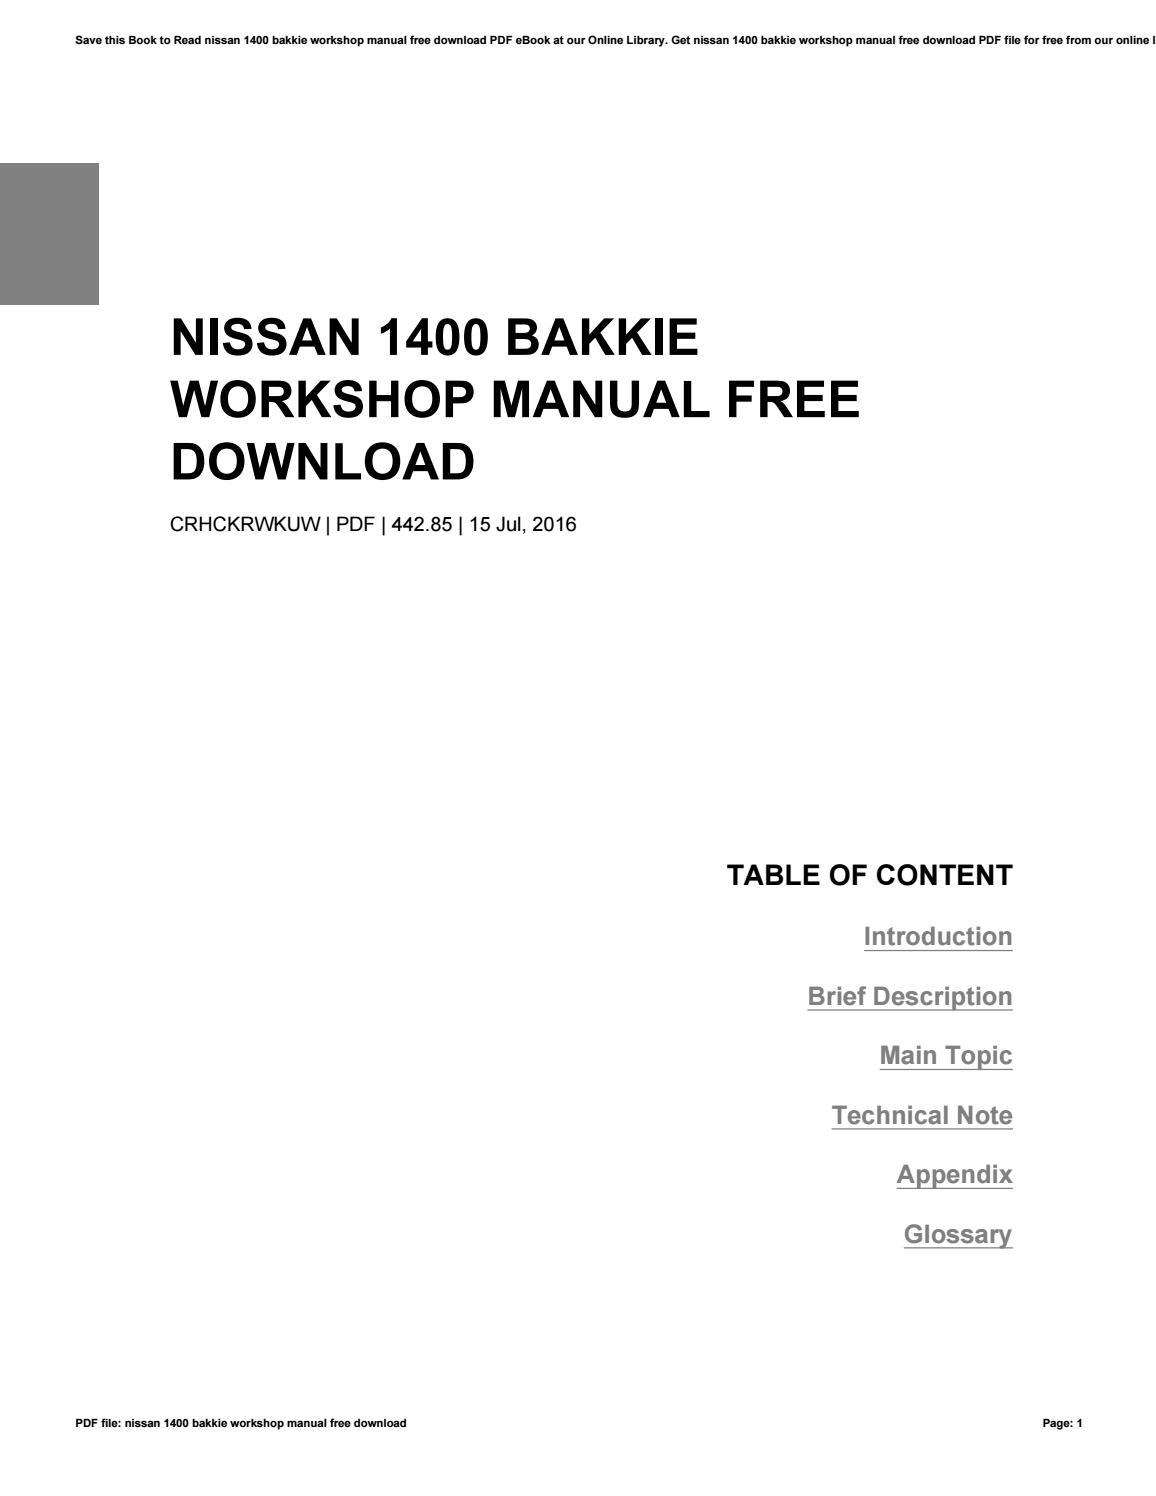 Nissan 1400 bakkie workshop manual free download by